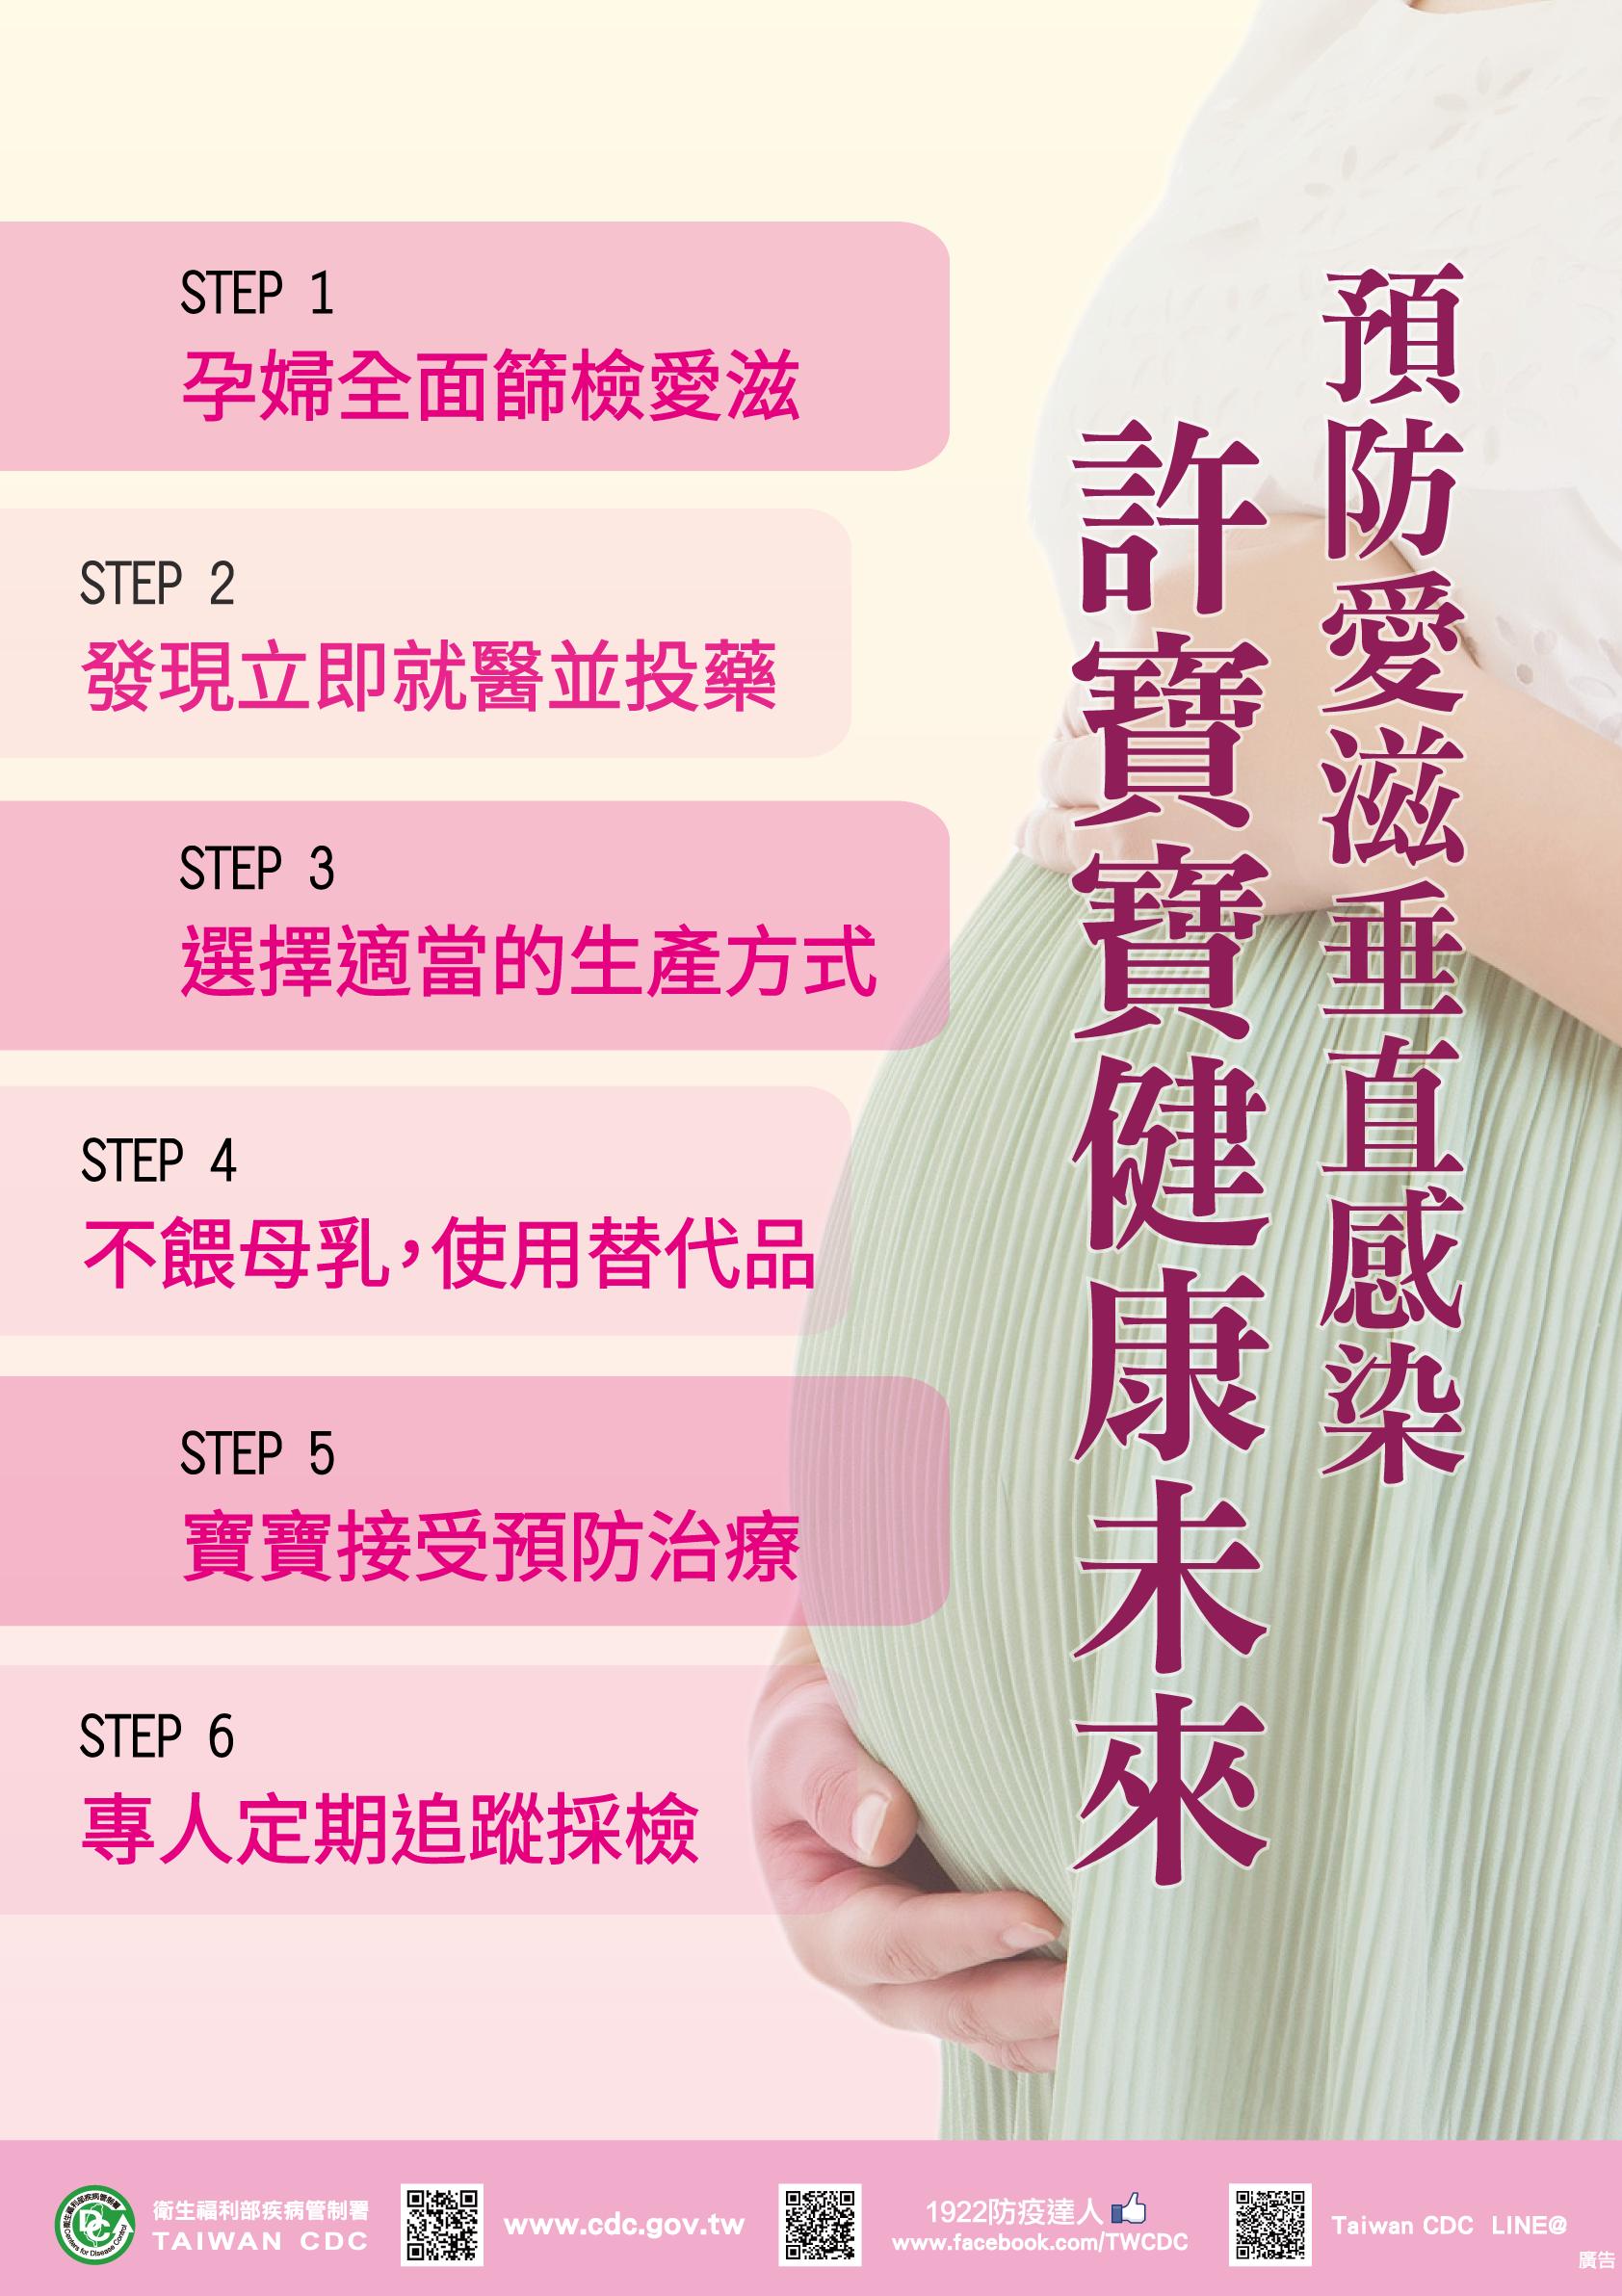 孕婦全面篩檢愛滋計畫:step1:孕婦全面篩檢愛滋、step2:發現立即就醫並投藥、step3:選擇適當的生產方式、step4:不餵母乳,使用替代品、step5:寶寶接受預防治療、step6:專人定期追蹤採檢